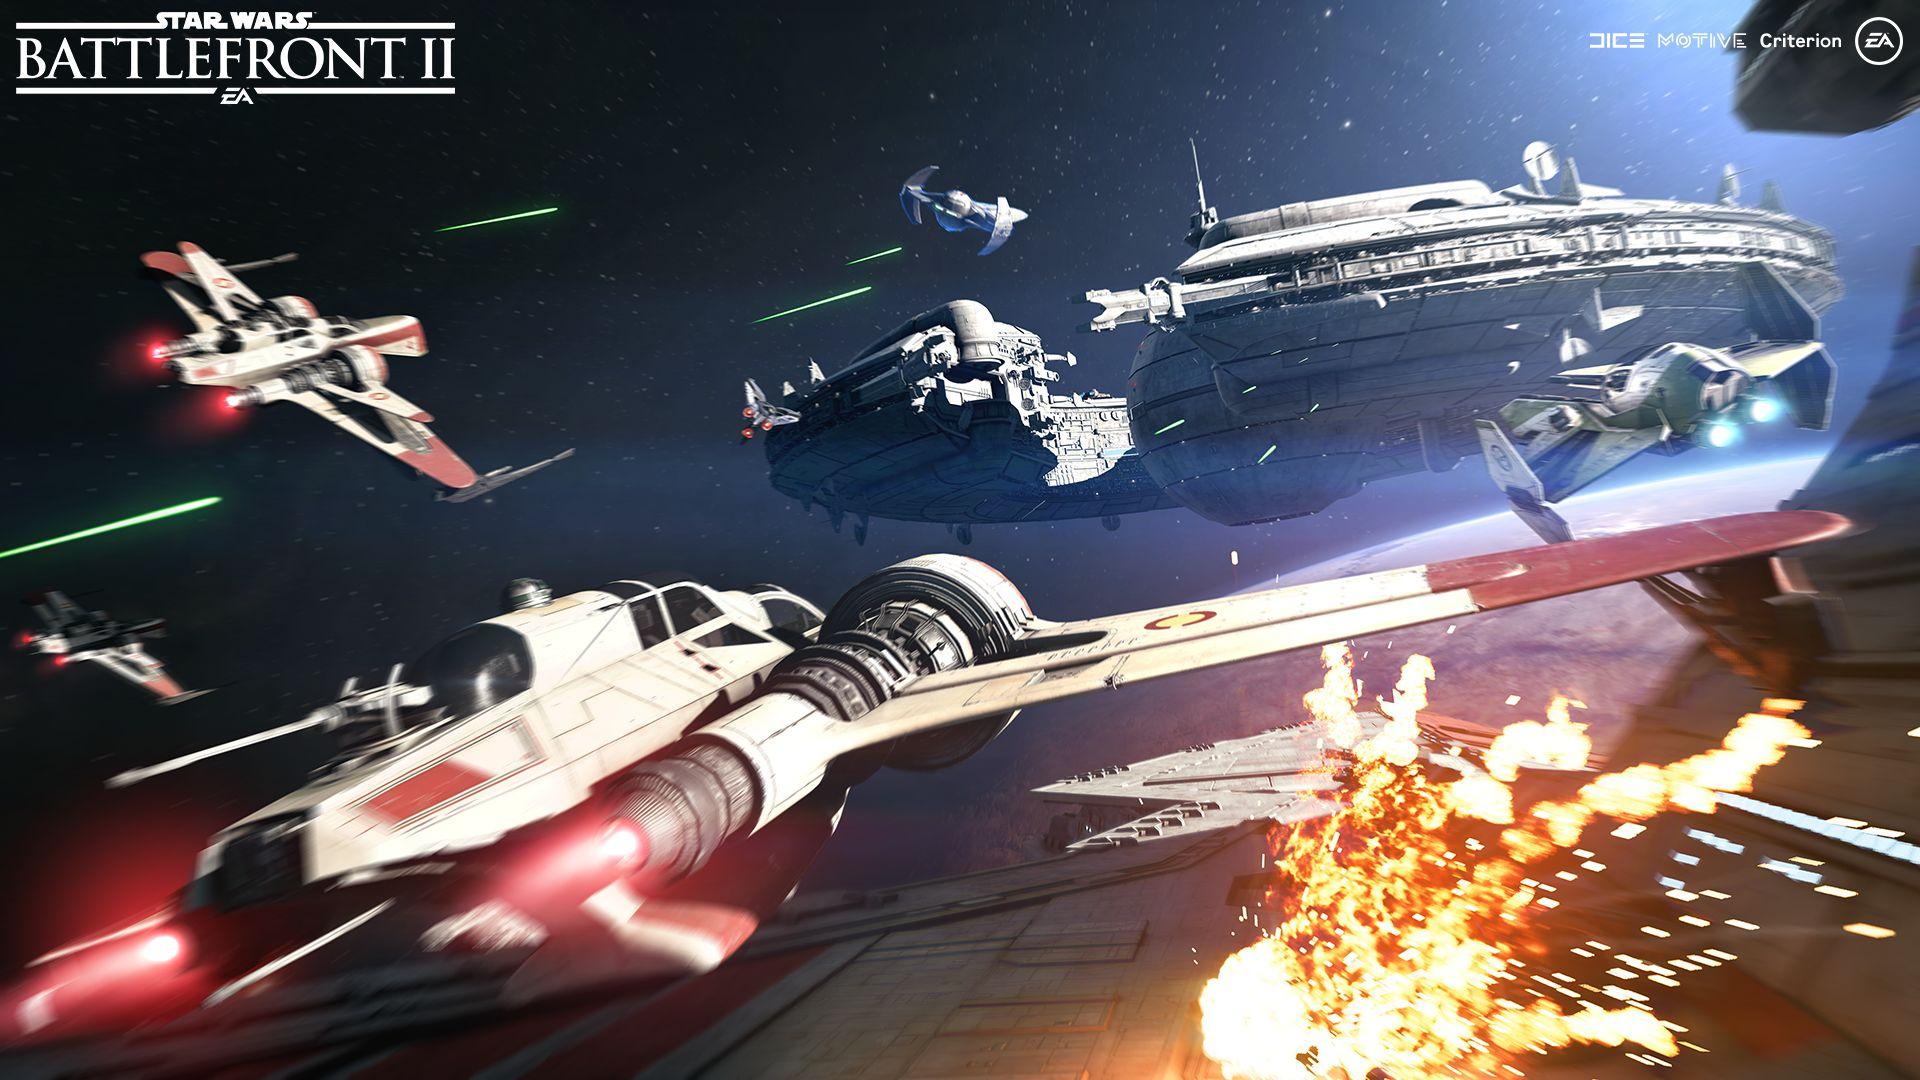 Star Wars Battlefront II, кадр № 10